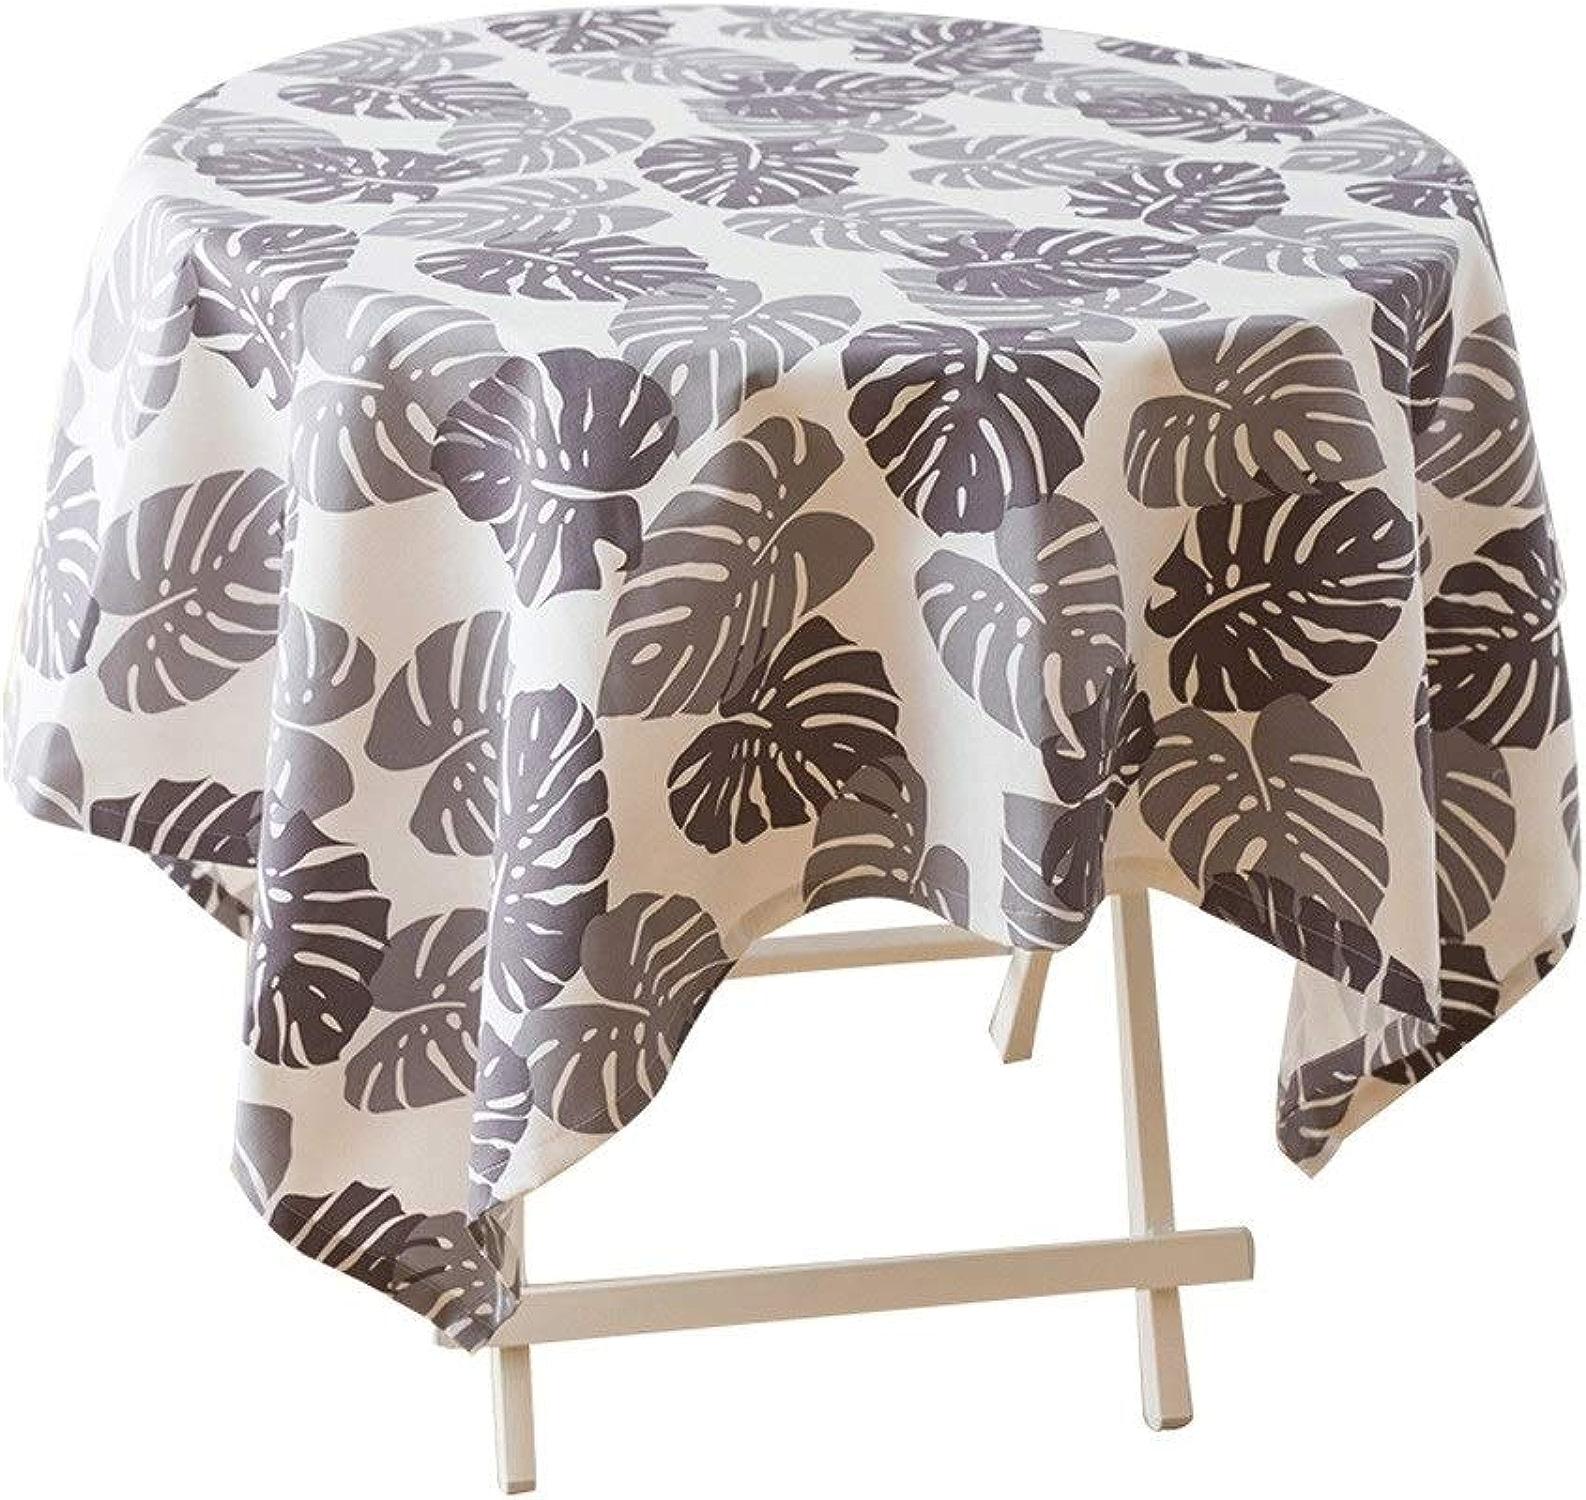 GAOJUNMEI Nappe de table basse de salon en lin de coton simple, nappe de table basse de table à hommeger appropriée à la cuisine à domicile Multi-taille (Taille   140  140cm)